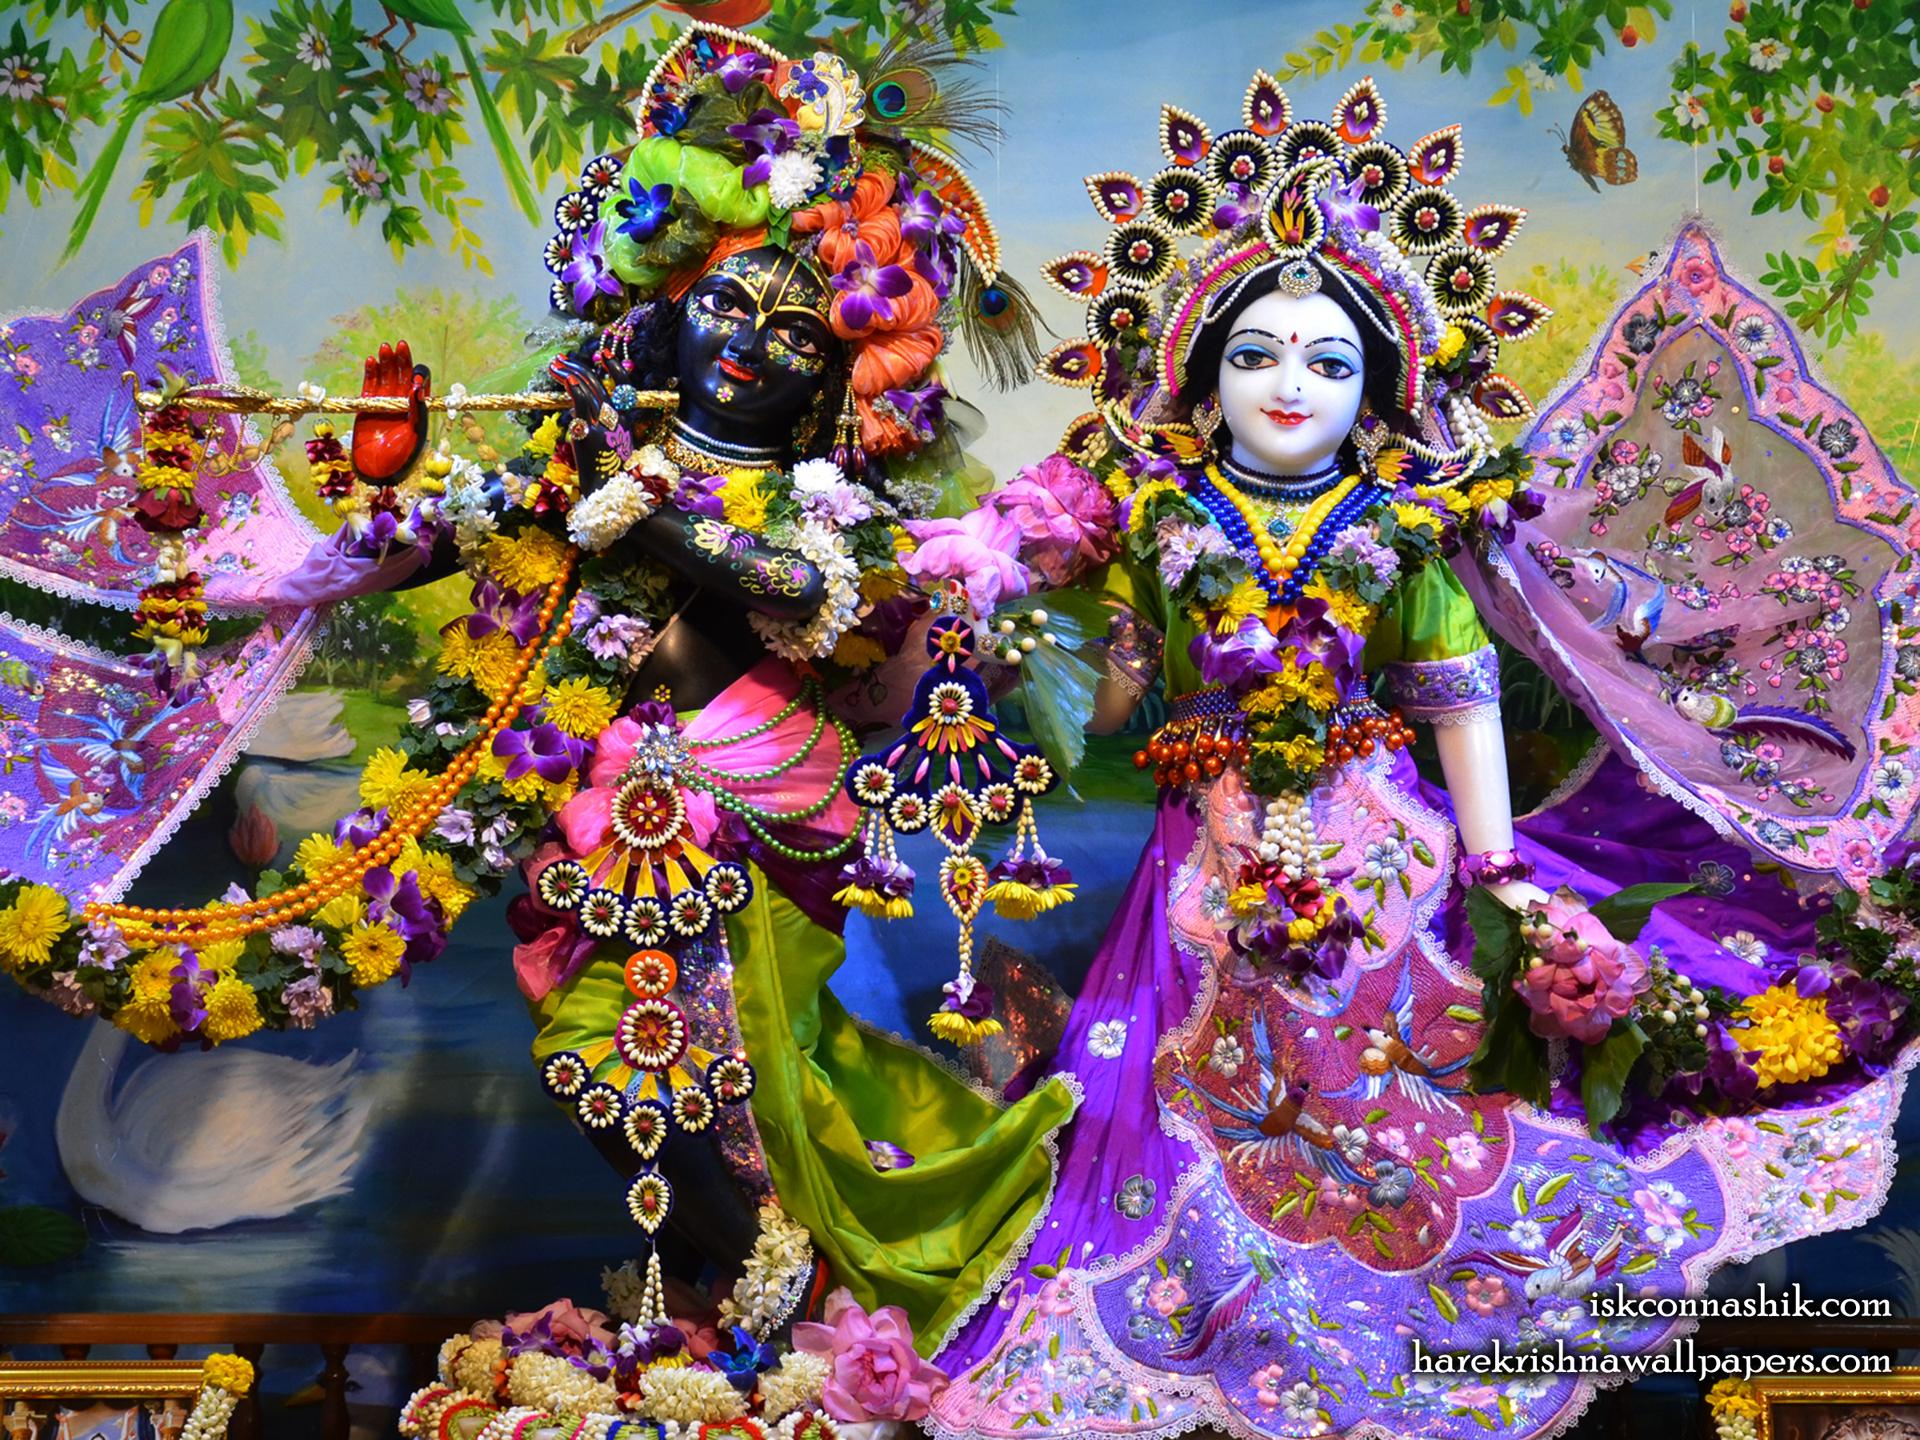 Sri Sri Radha Madan Gopal Wallpaper (021) Size 1920x1440 Download